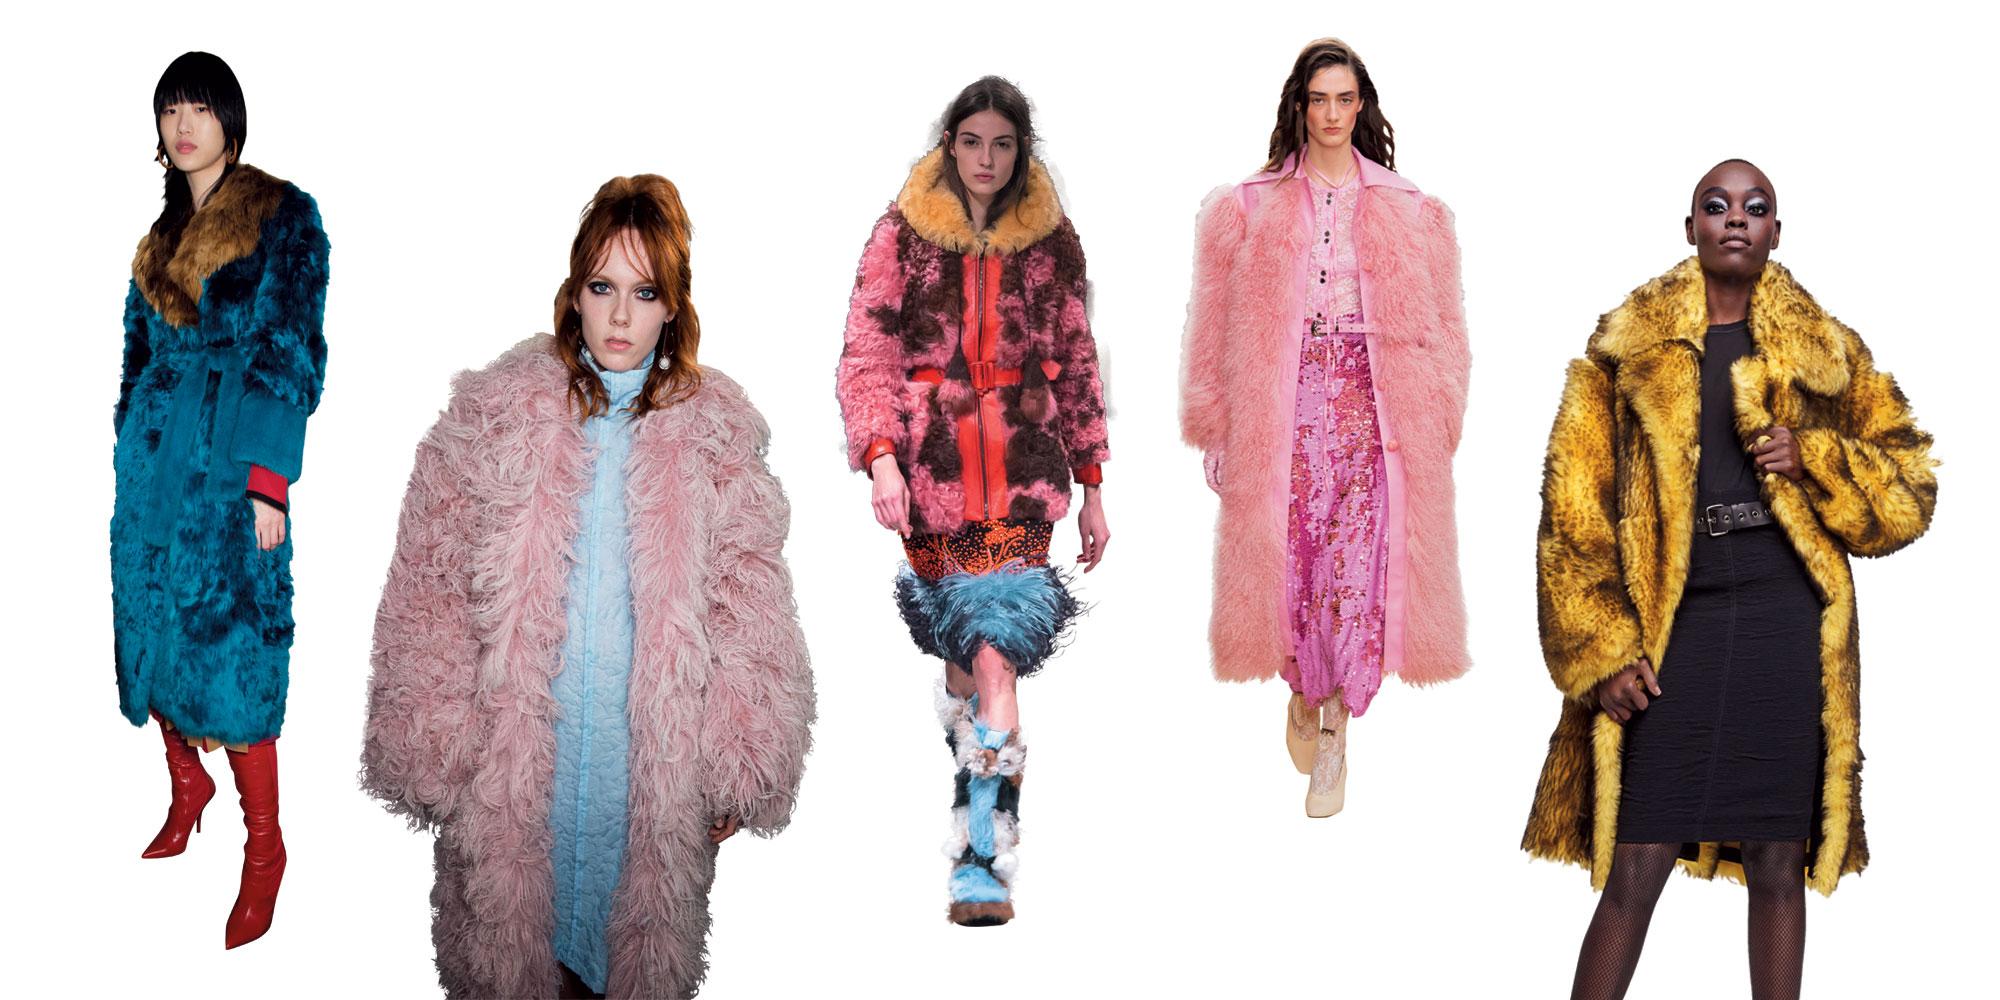 코트나 패딩은 흉내 낼 수 없는 풍성한 텍스처와 섬세한 컬러를 입은 퍼 코트의 부드러운 도발.